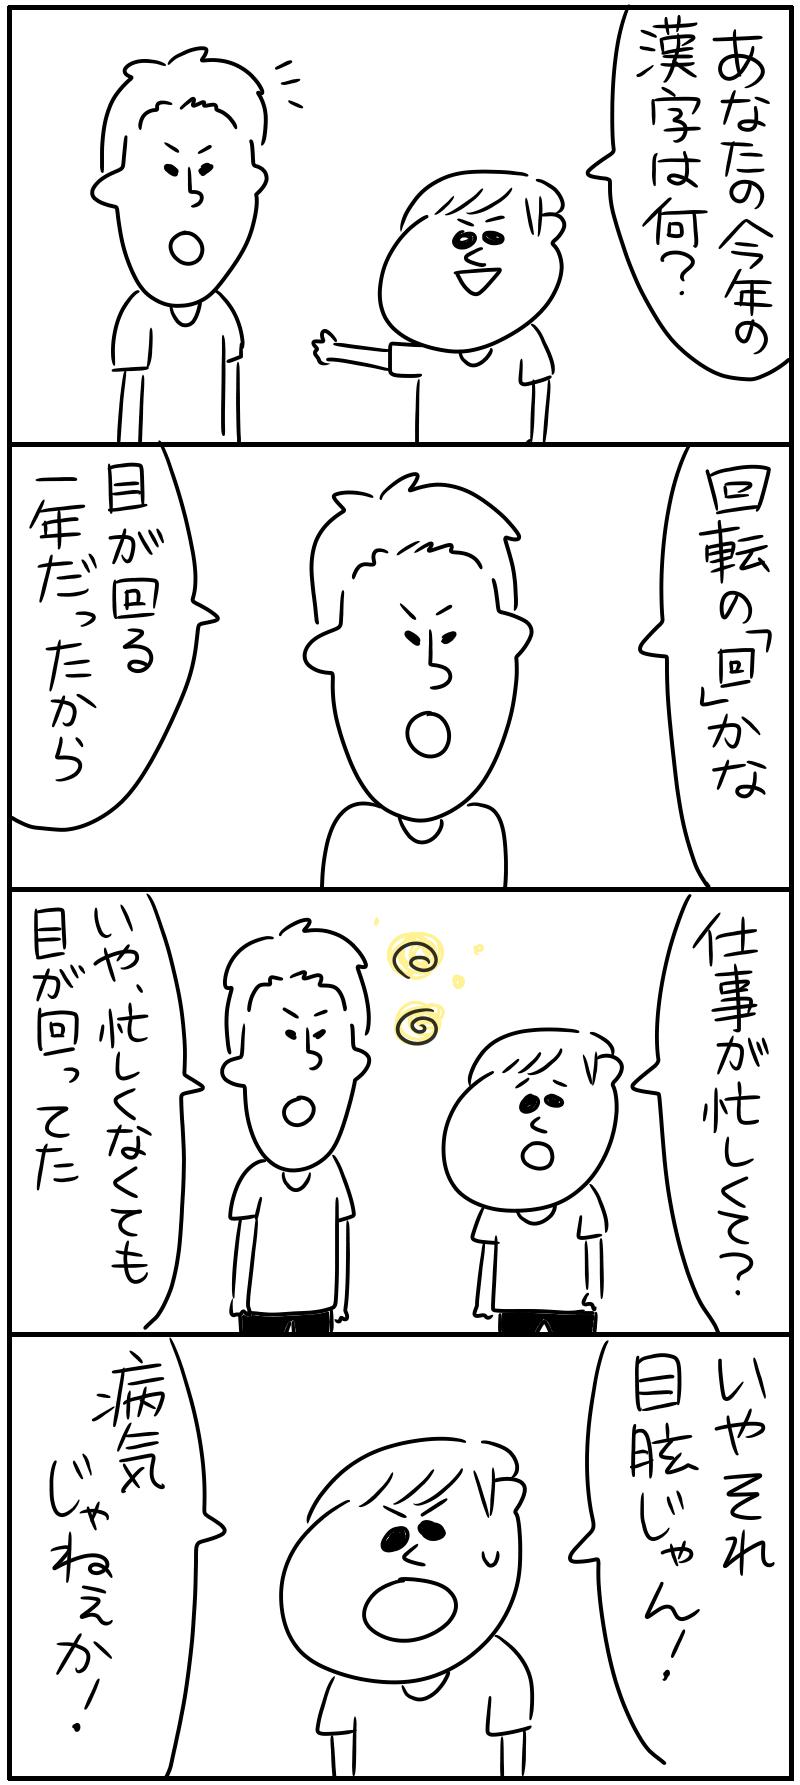 今年の漢字の話_f0346353_14460553.png